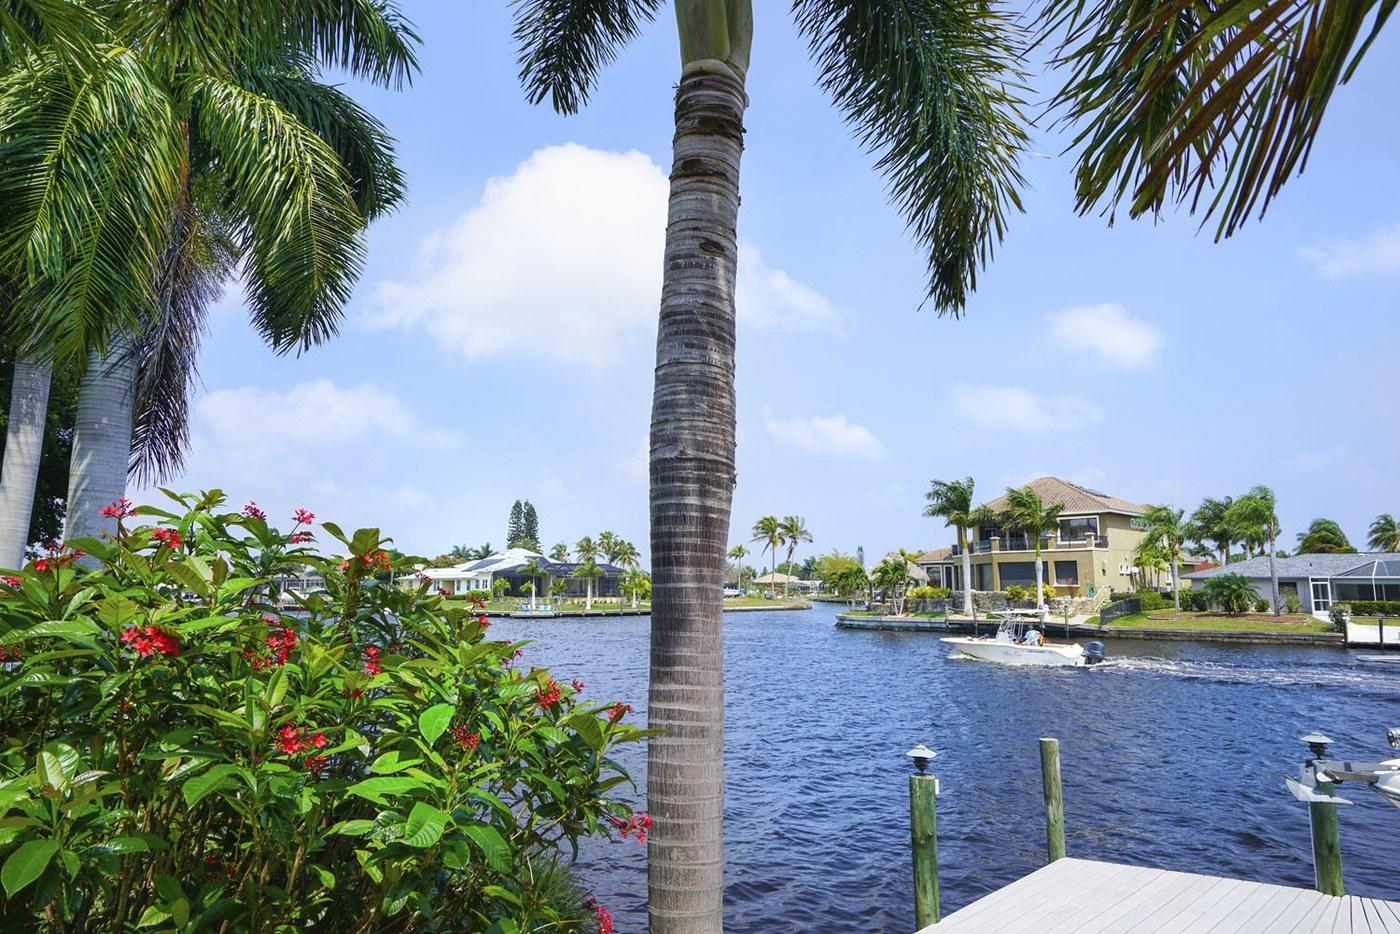 Aussenbereich in Florida